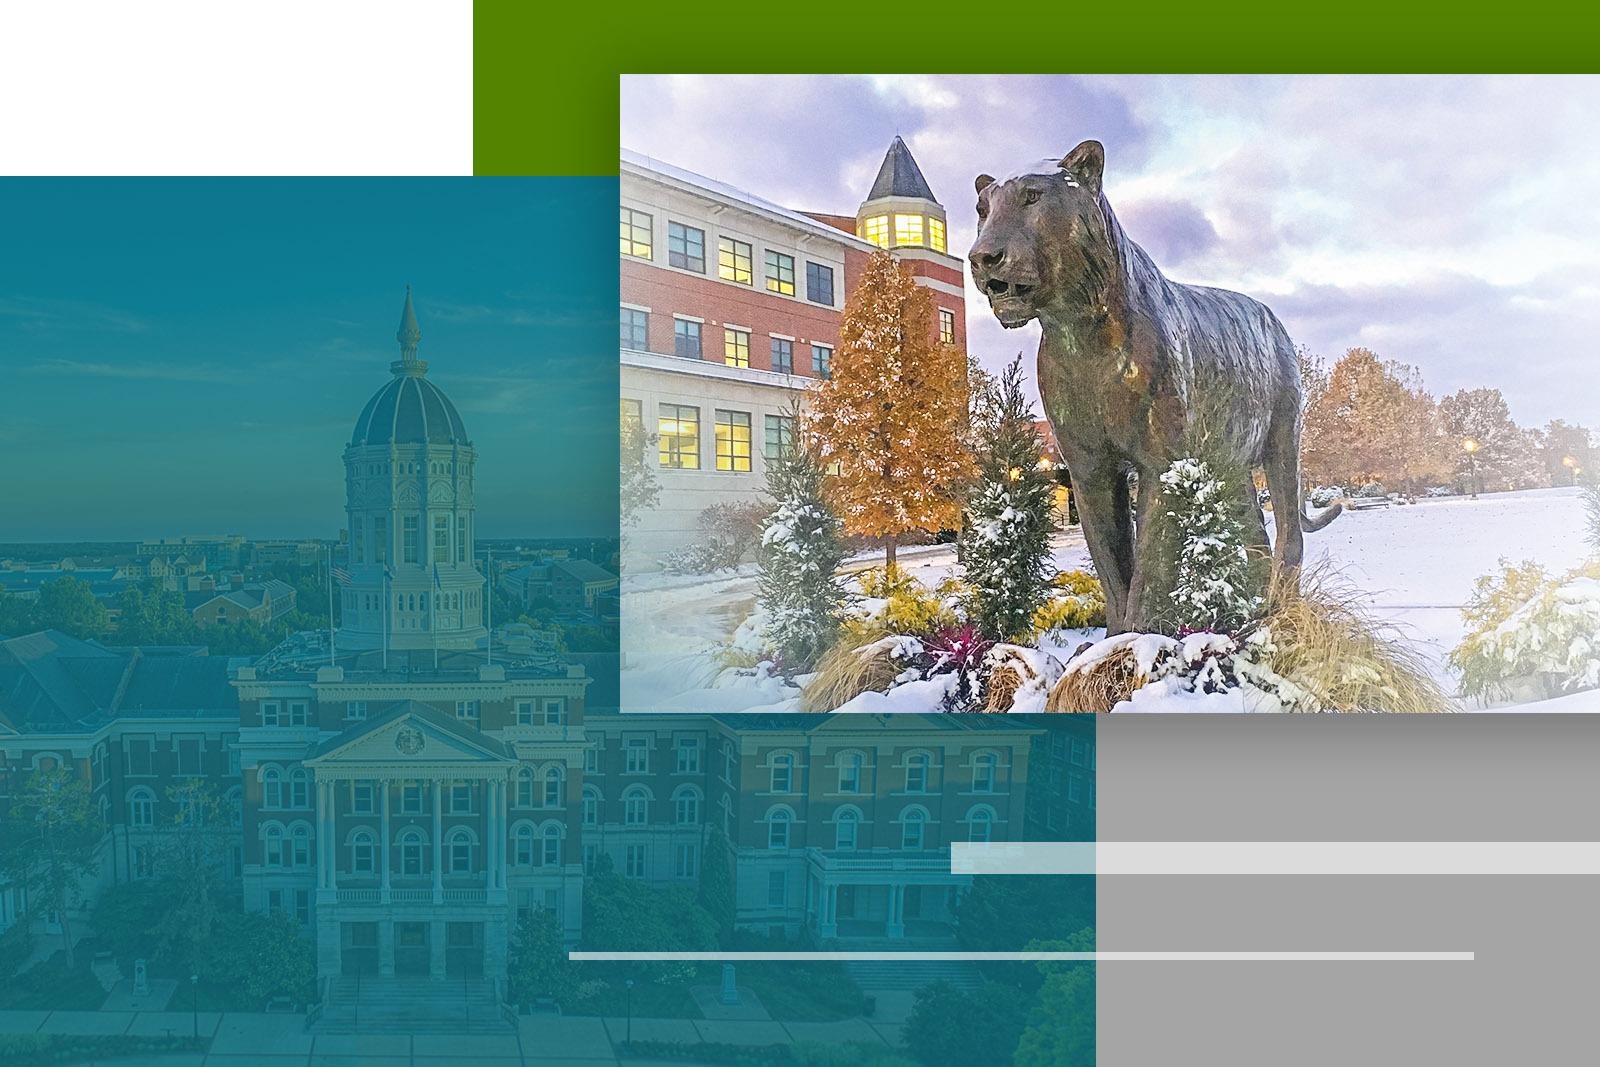 University of Missouri - Vasey Academy